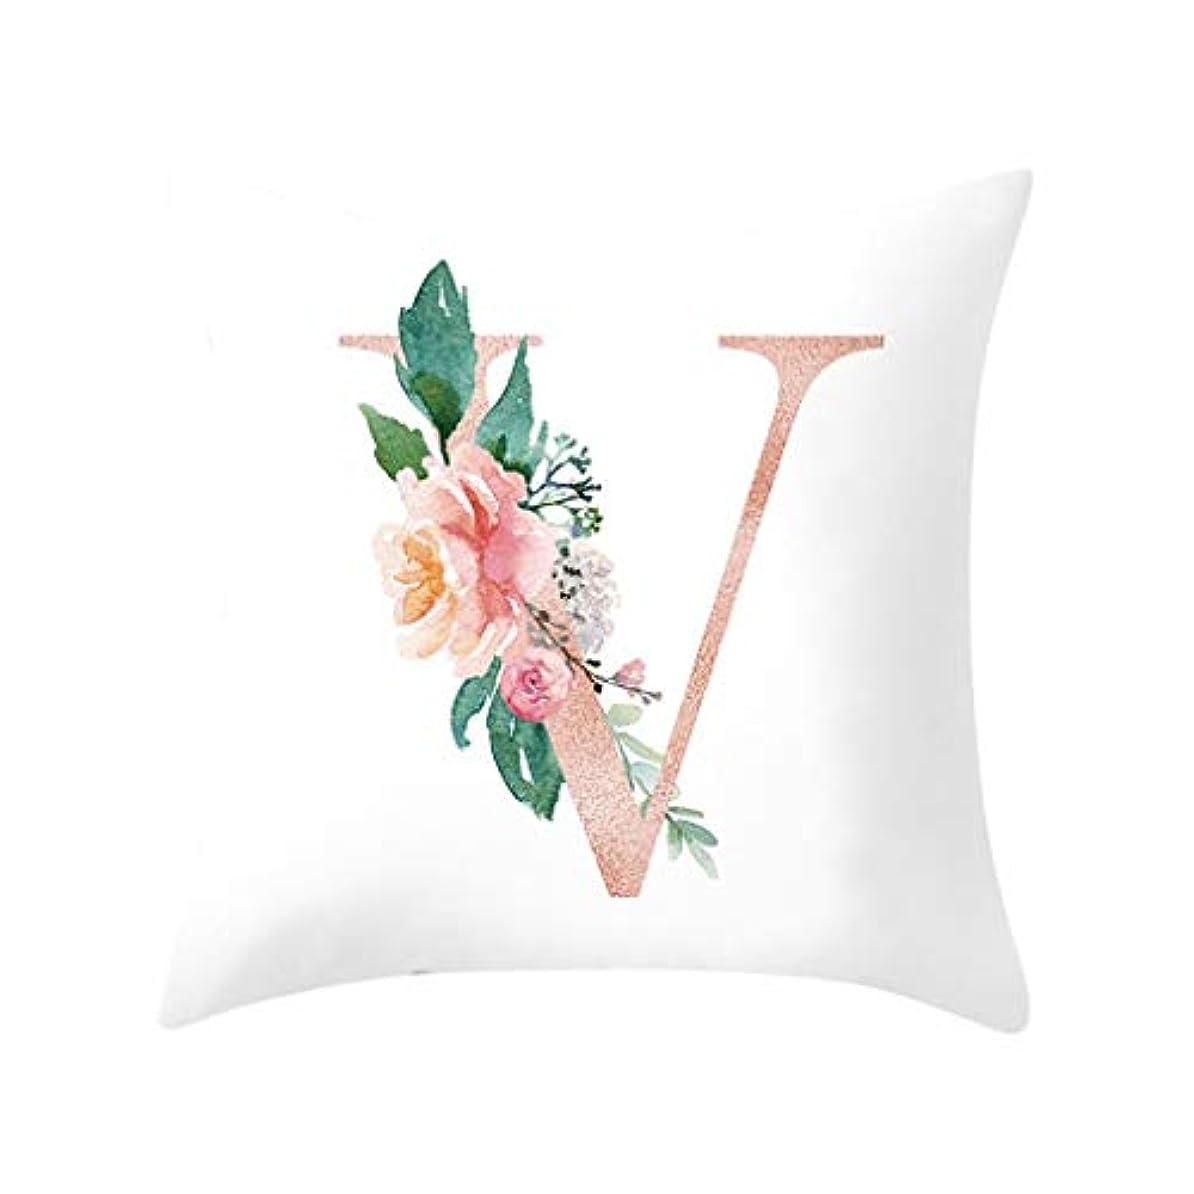 北へクリーナー排除するLIFE 装飾クッションソファ手紙枕アルファベットクッション印刷ソファ家の装飾の花枕 coussin decoratif クッション 椅子